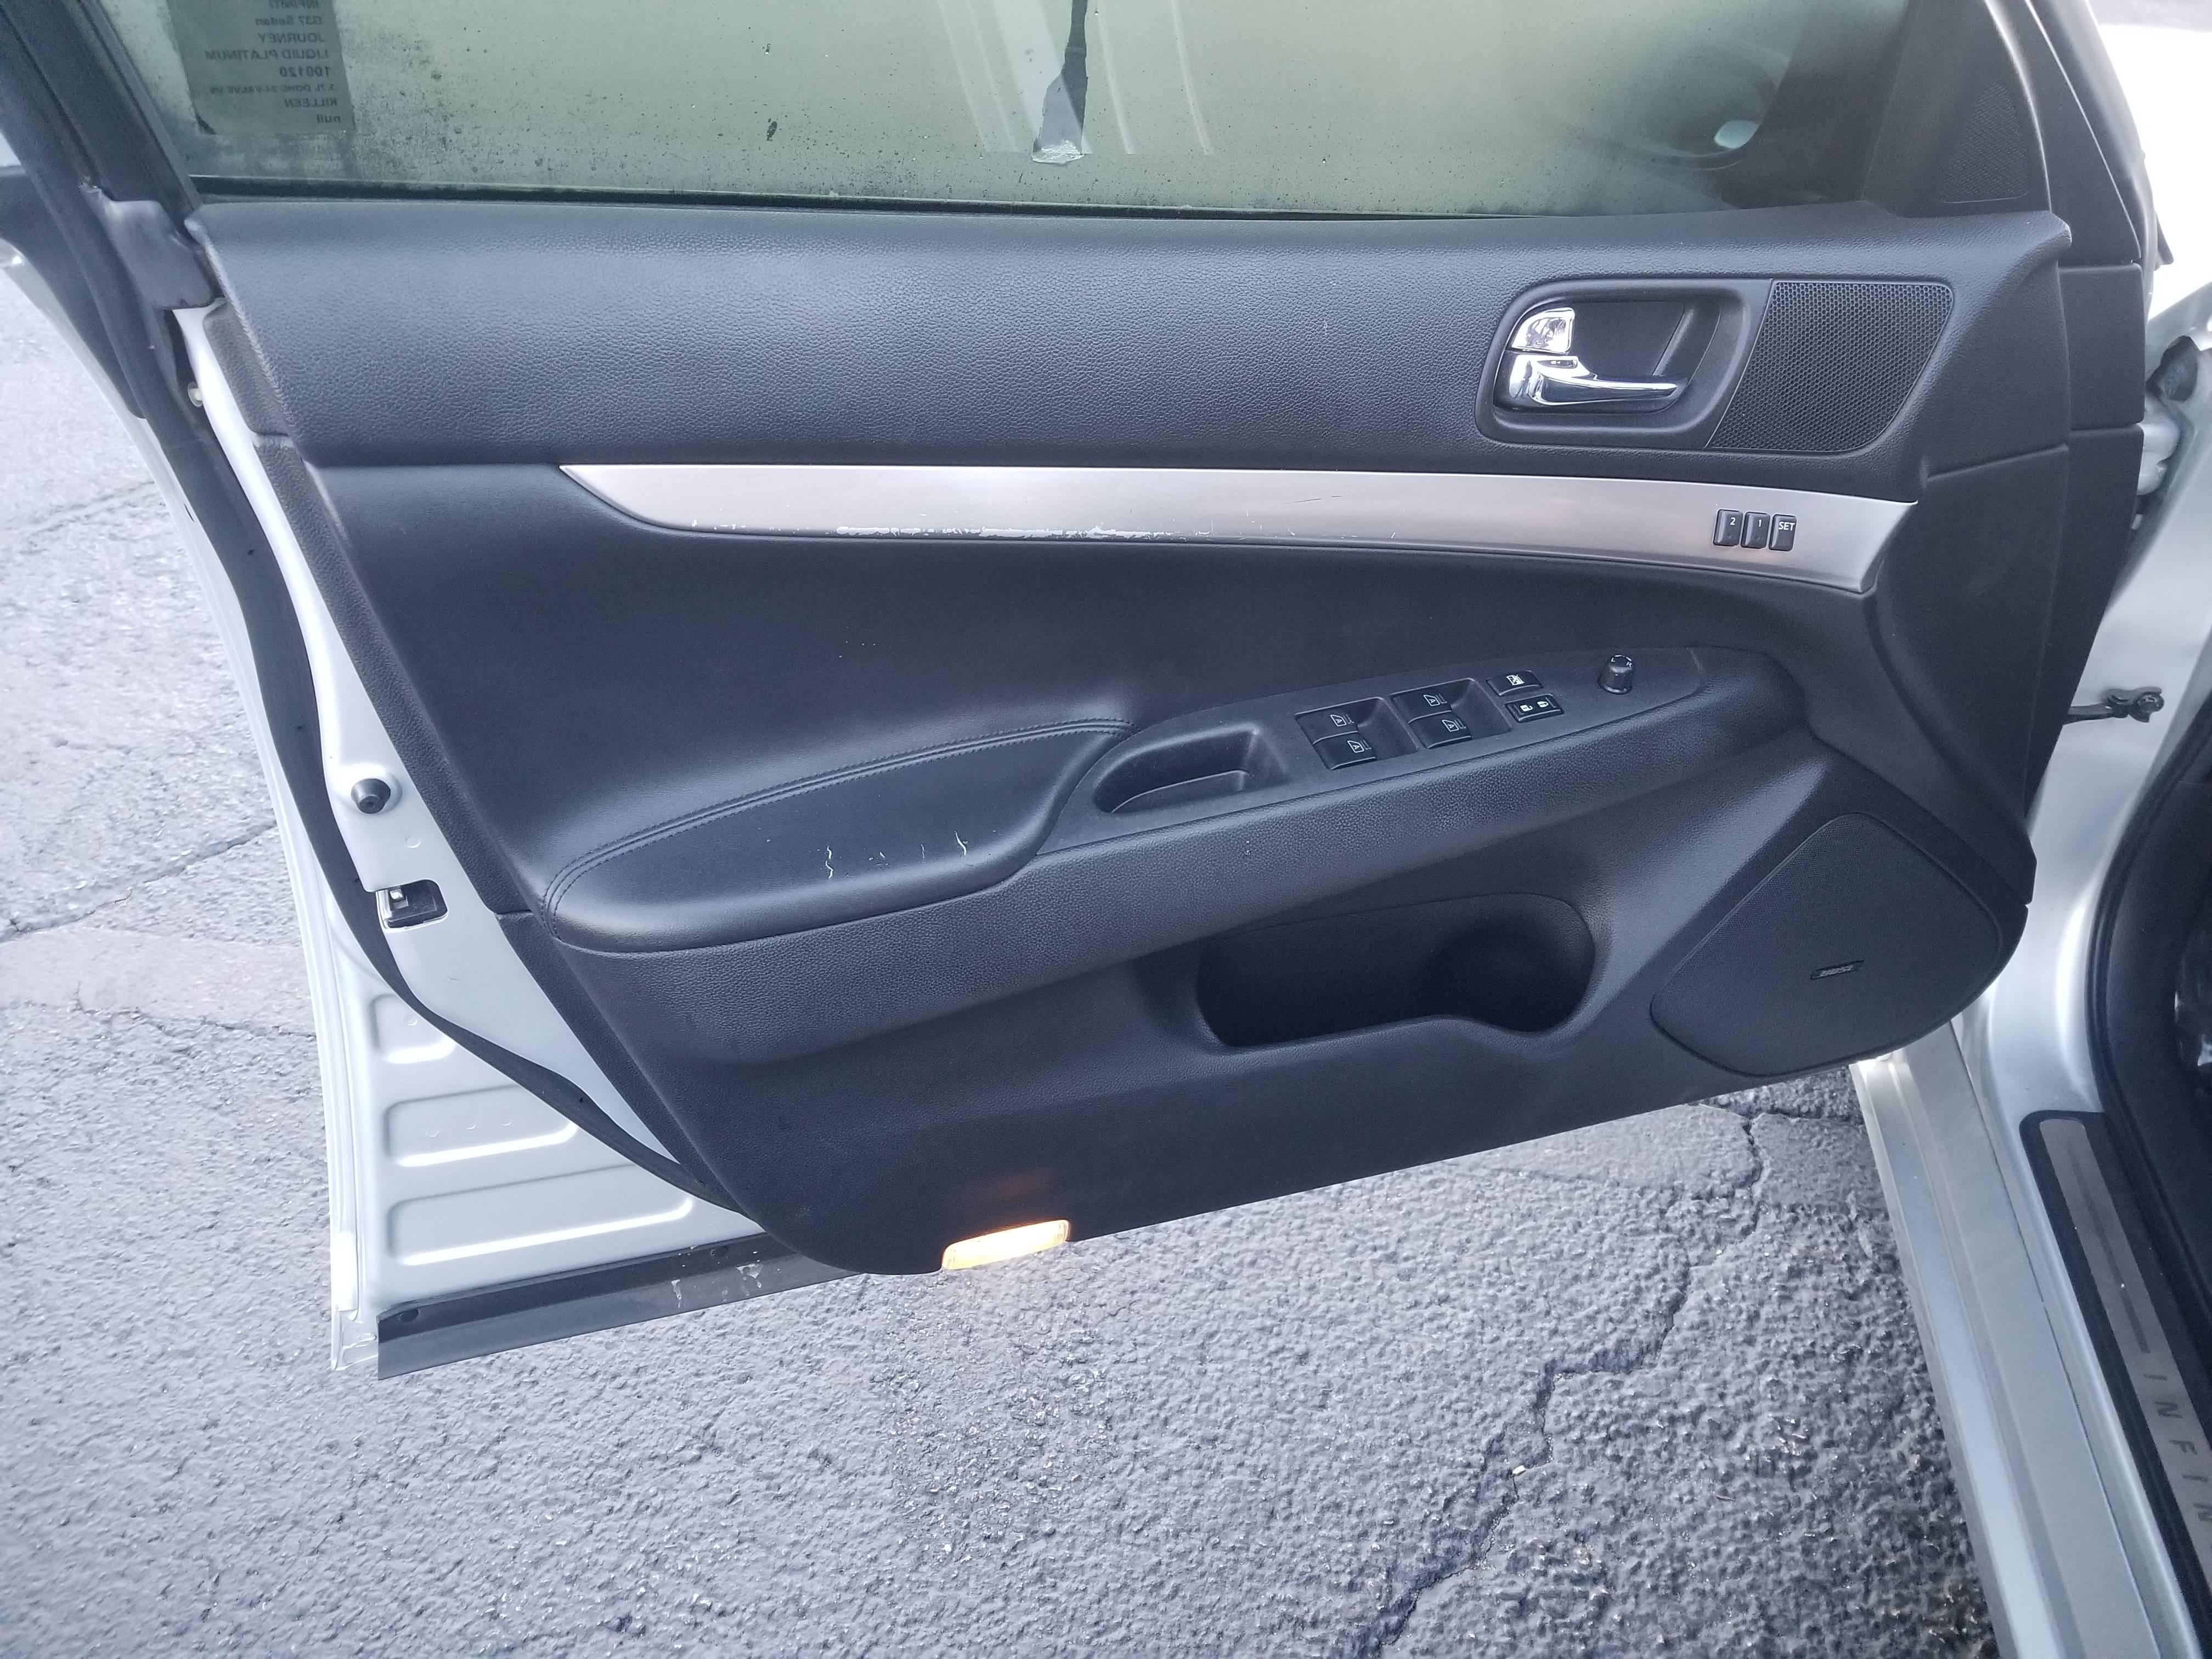 used vehicle - Sedan INFINITI G37 2011